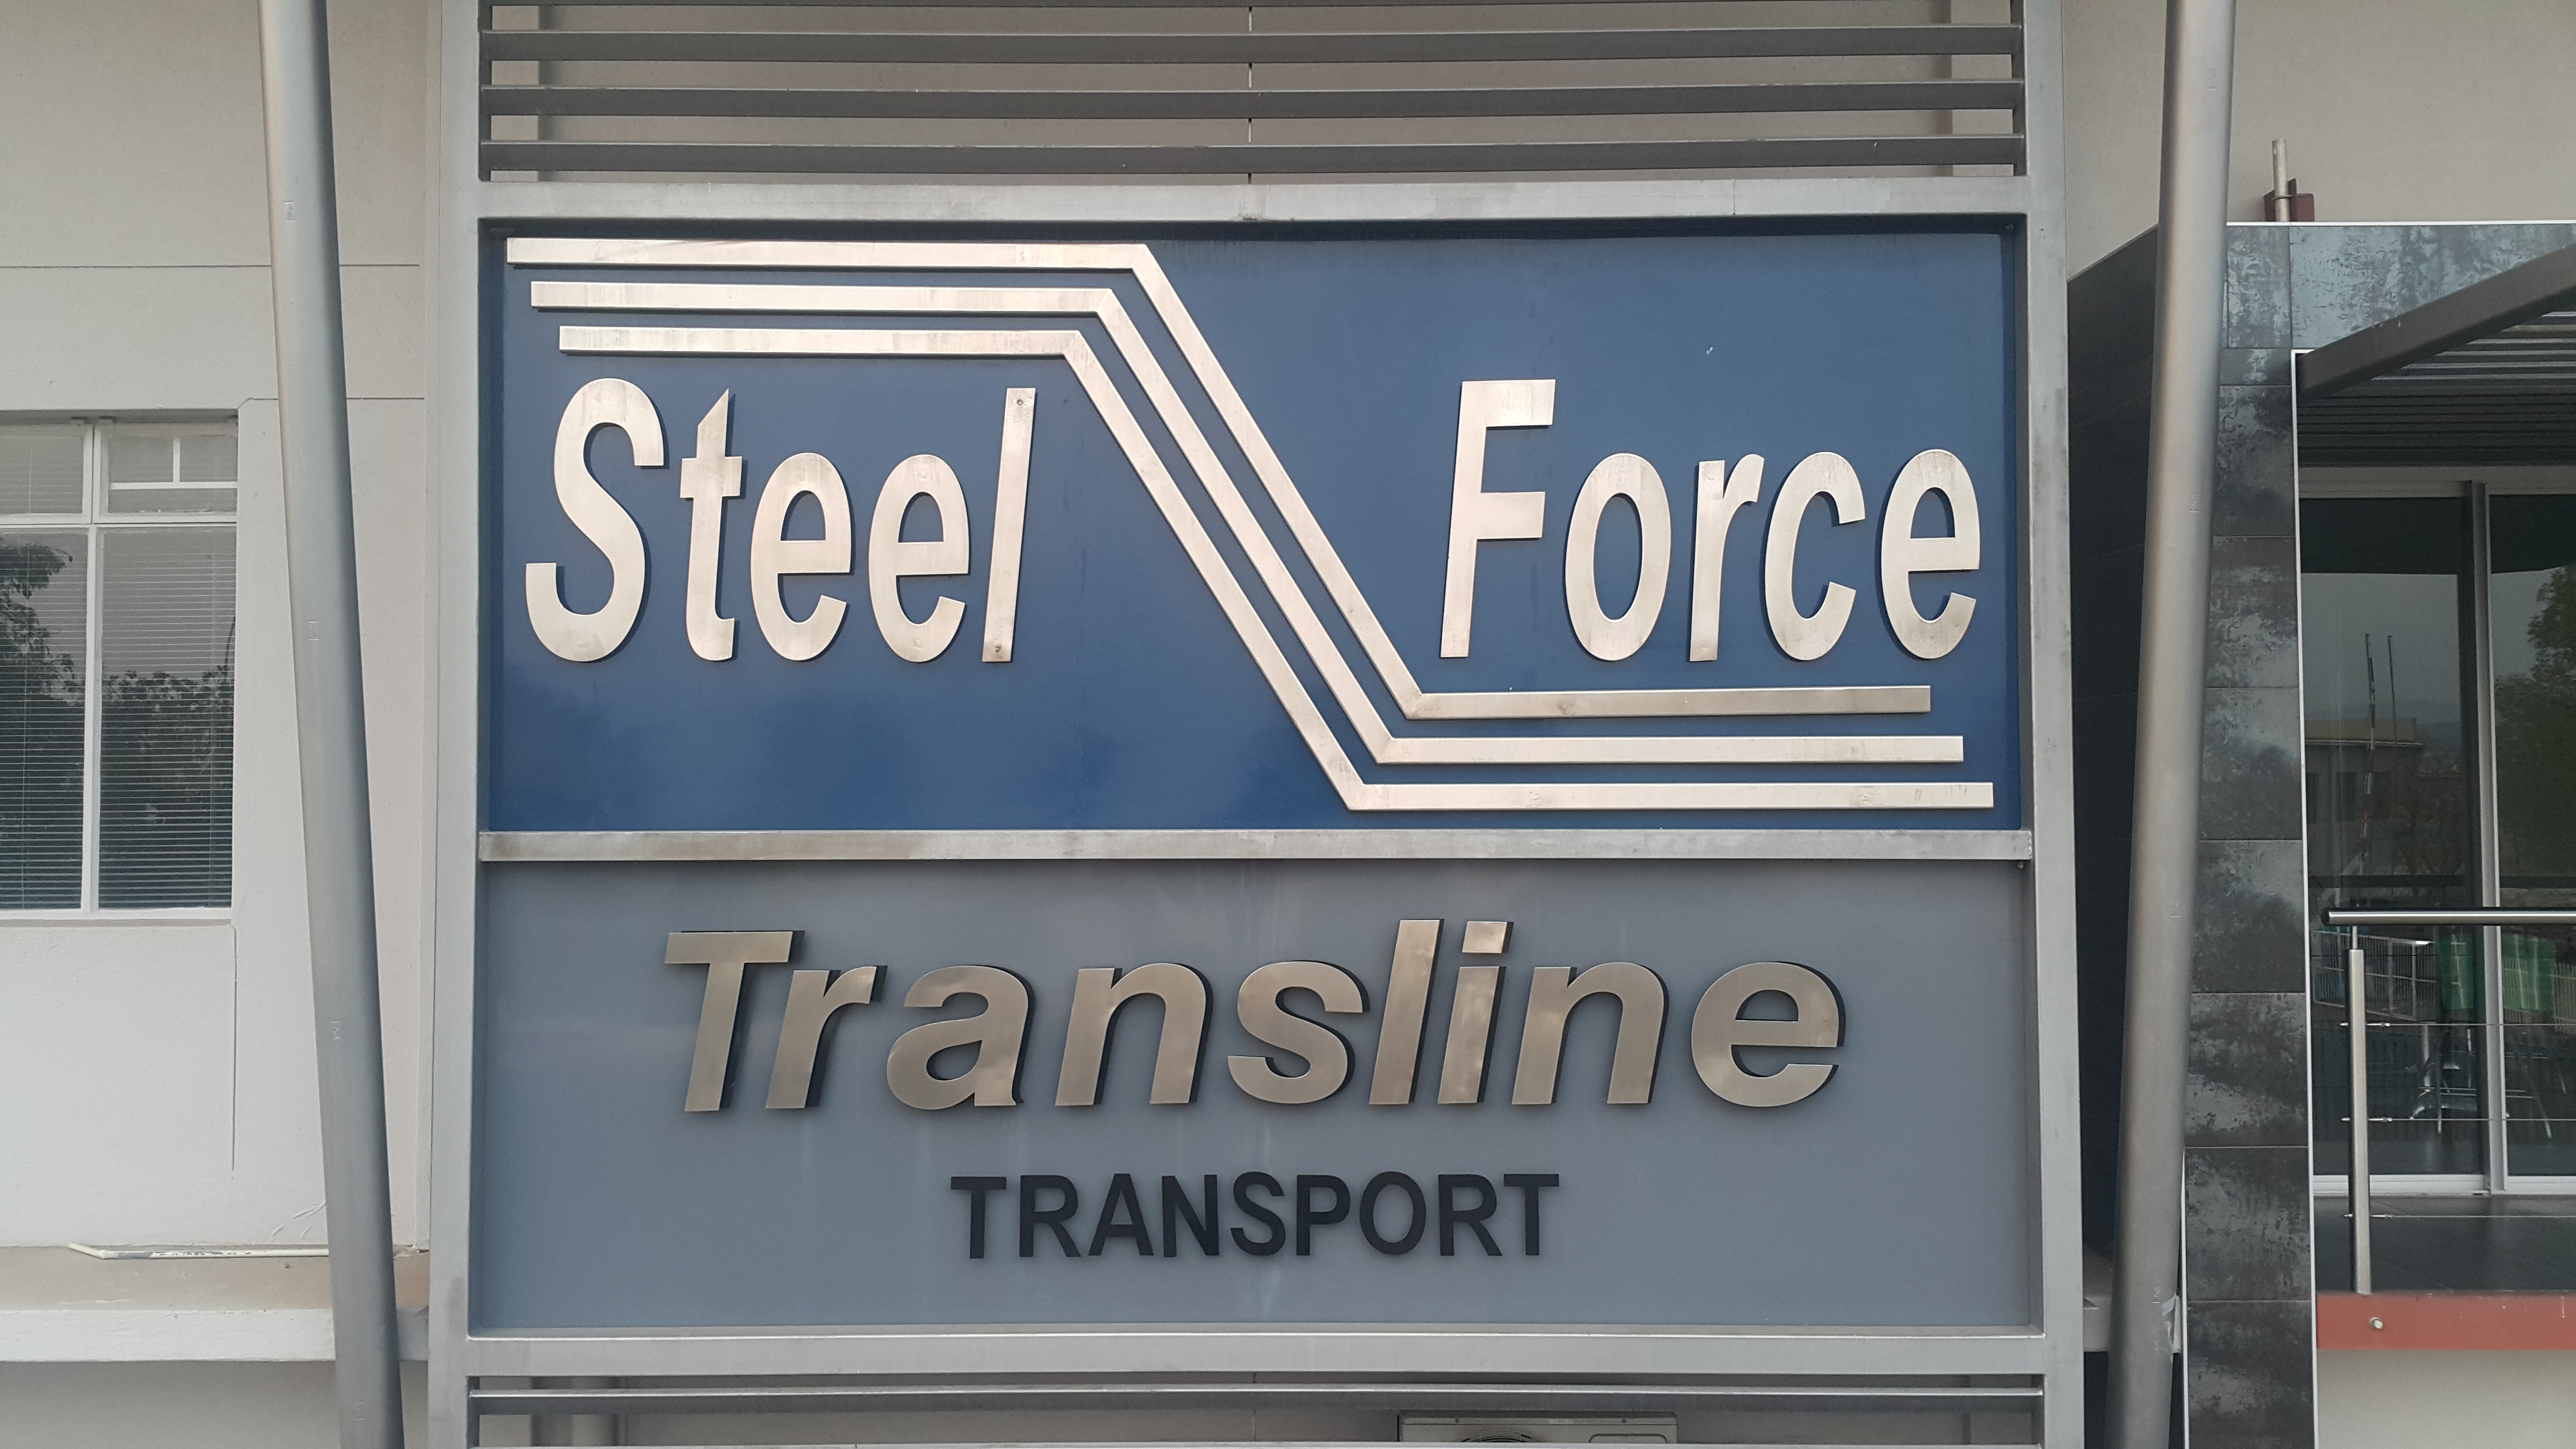 Steel Force & Transline